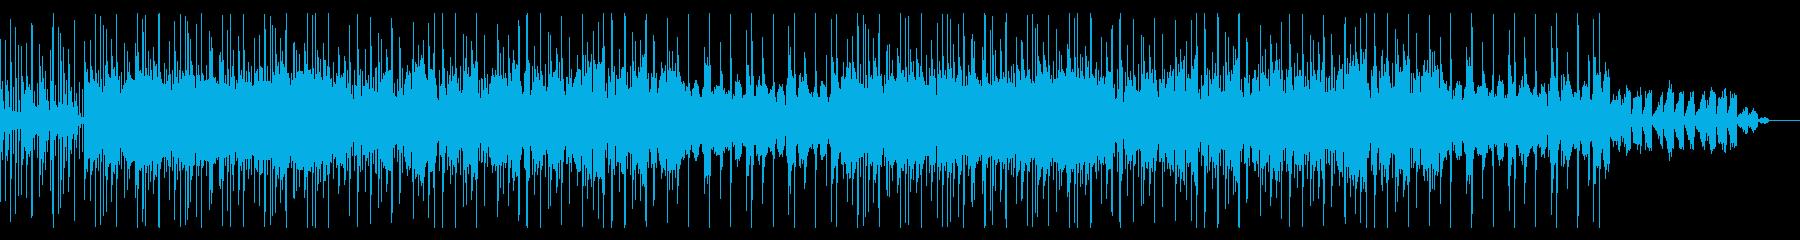 透明感、壮大感アンビエント02の再生済みの波形